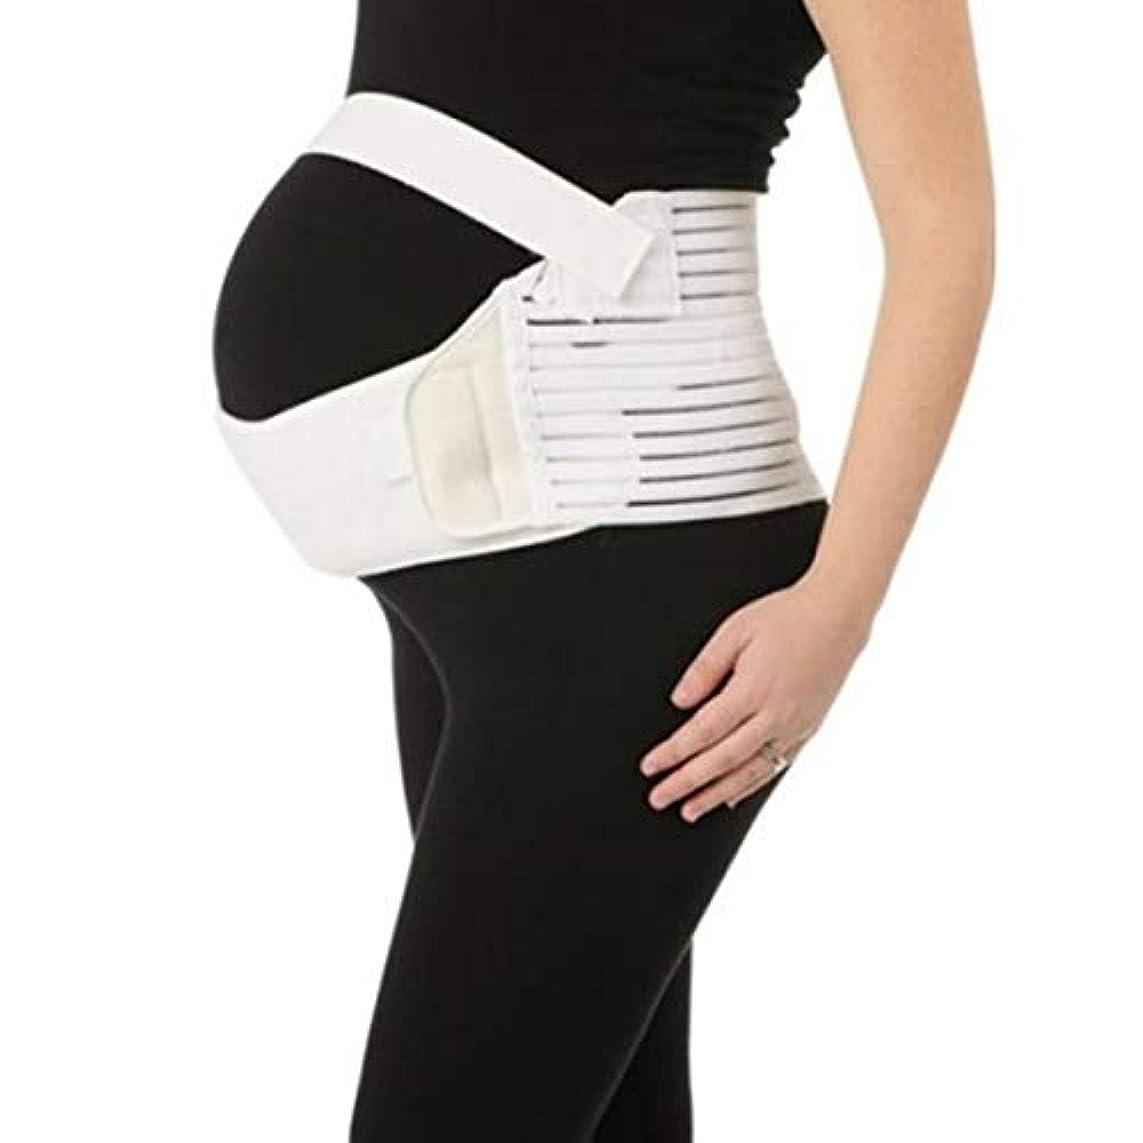 平均入射才能のある通気性マタニティベルト妊娠腹部サポート腹部バインダーガードル運動包帯産後回復形状ウェア - ホワイトXL